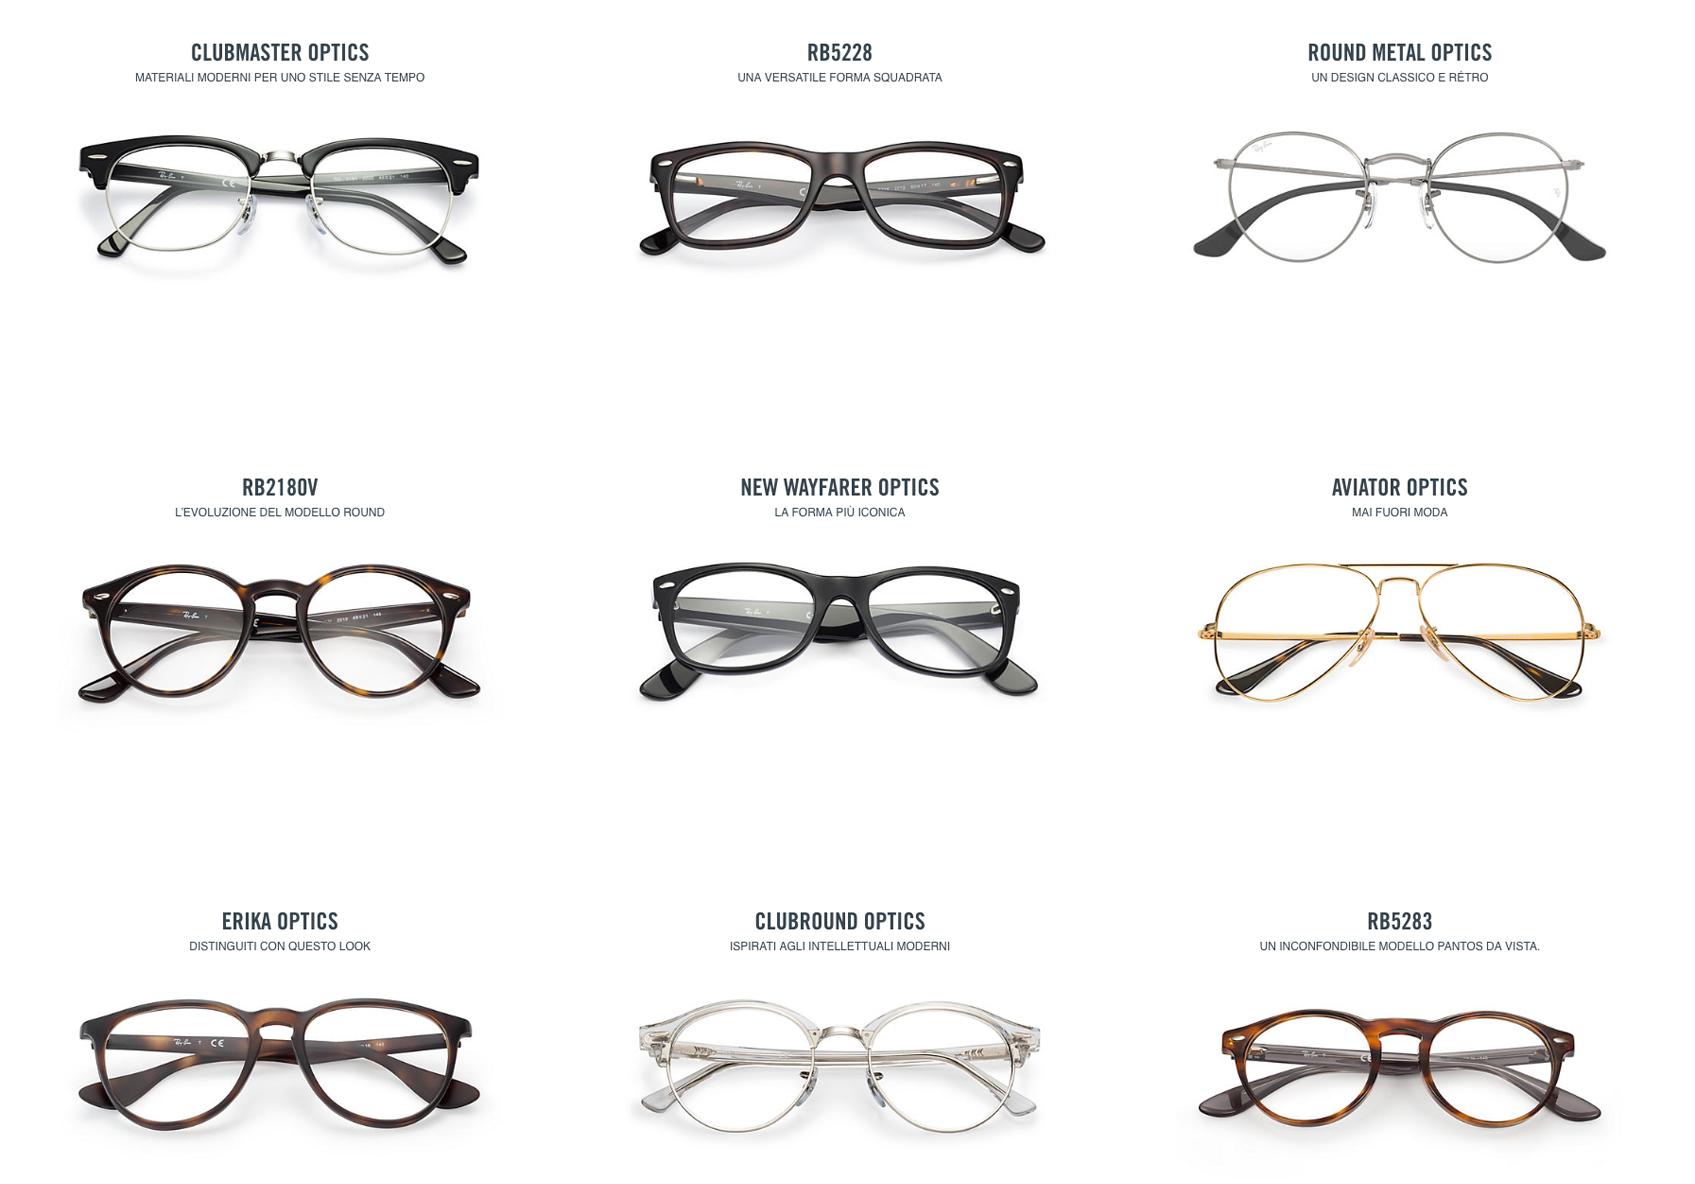 ray-ban-ottica-look-vision-occhiali-da-vista